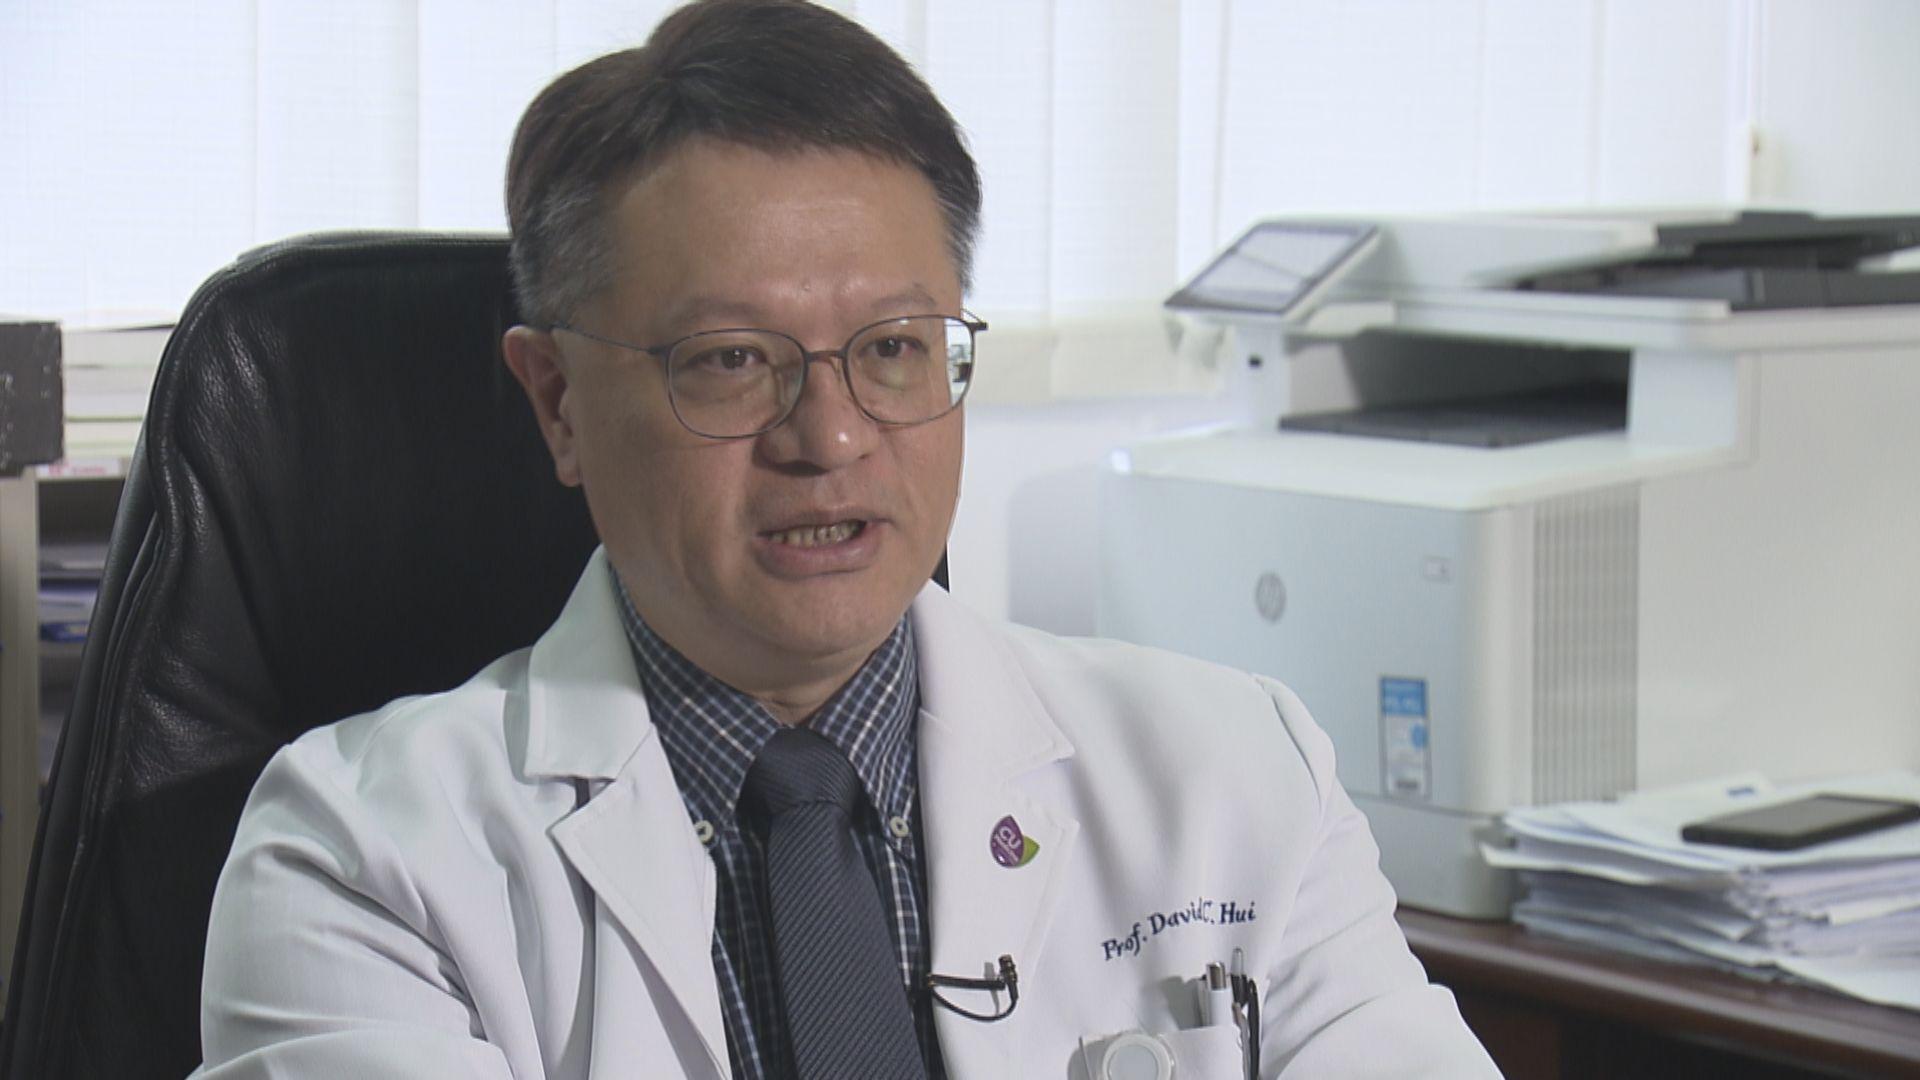 屯門醫院女病人曾到武漢 專家相信與疫情無關